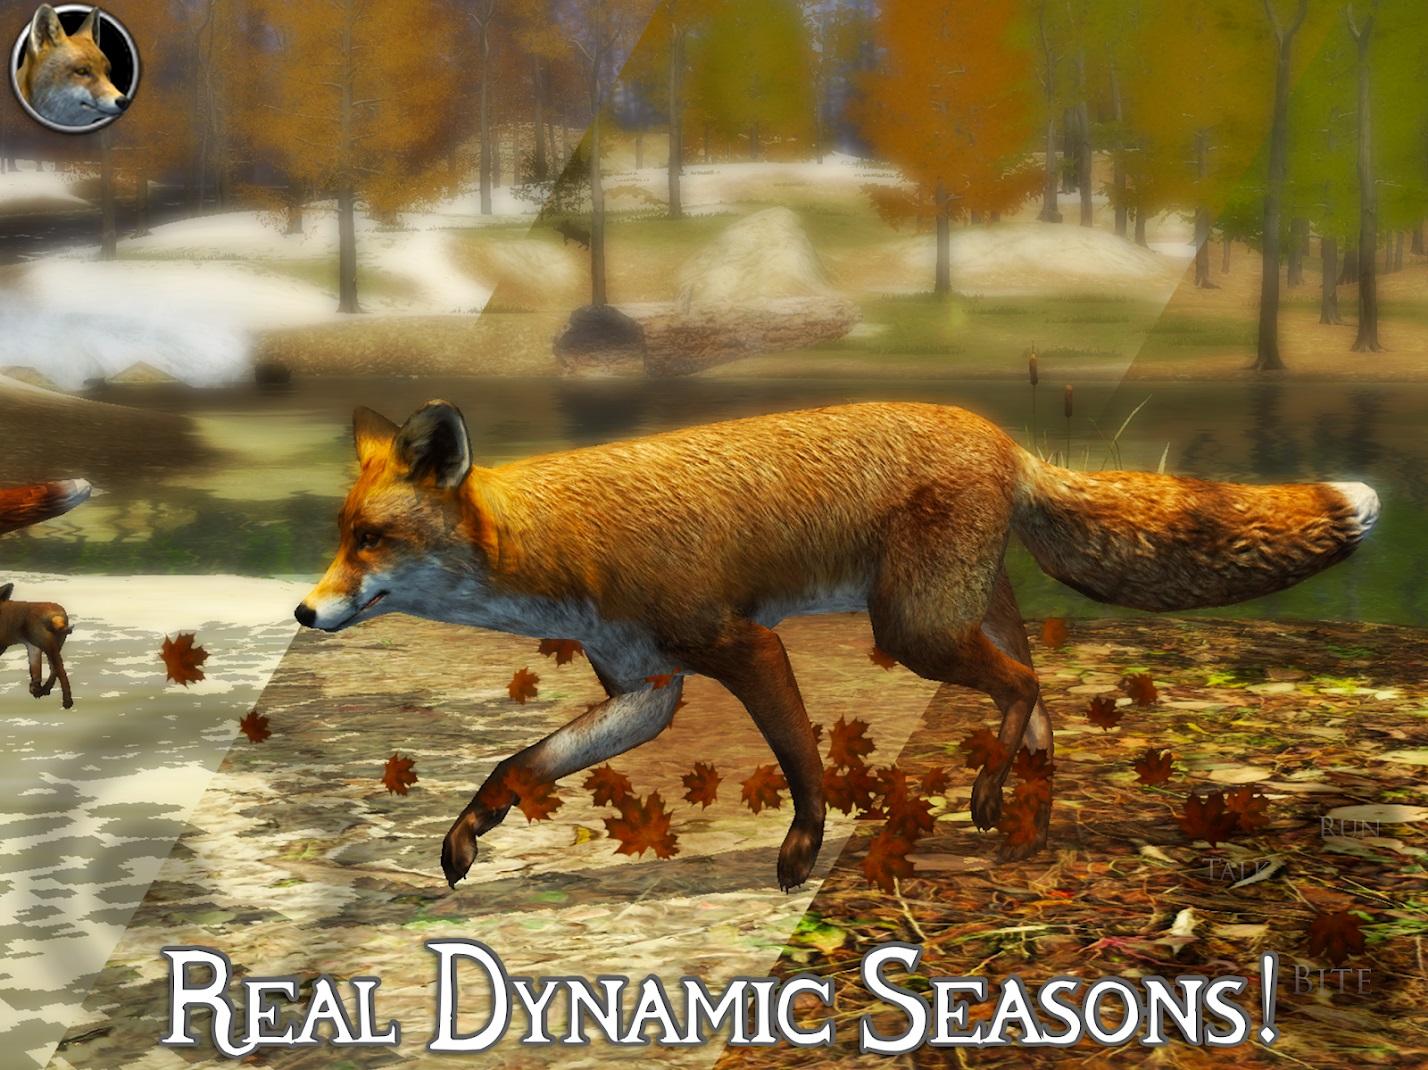 ultimate fox simulator 2 скачать бесплатно